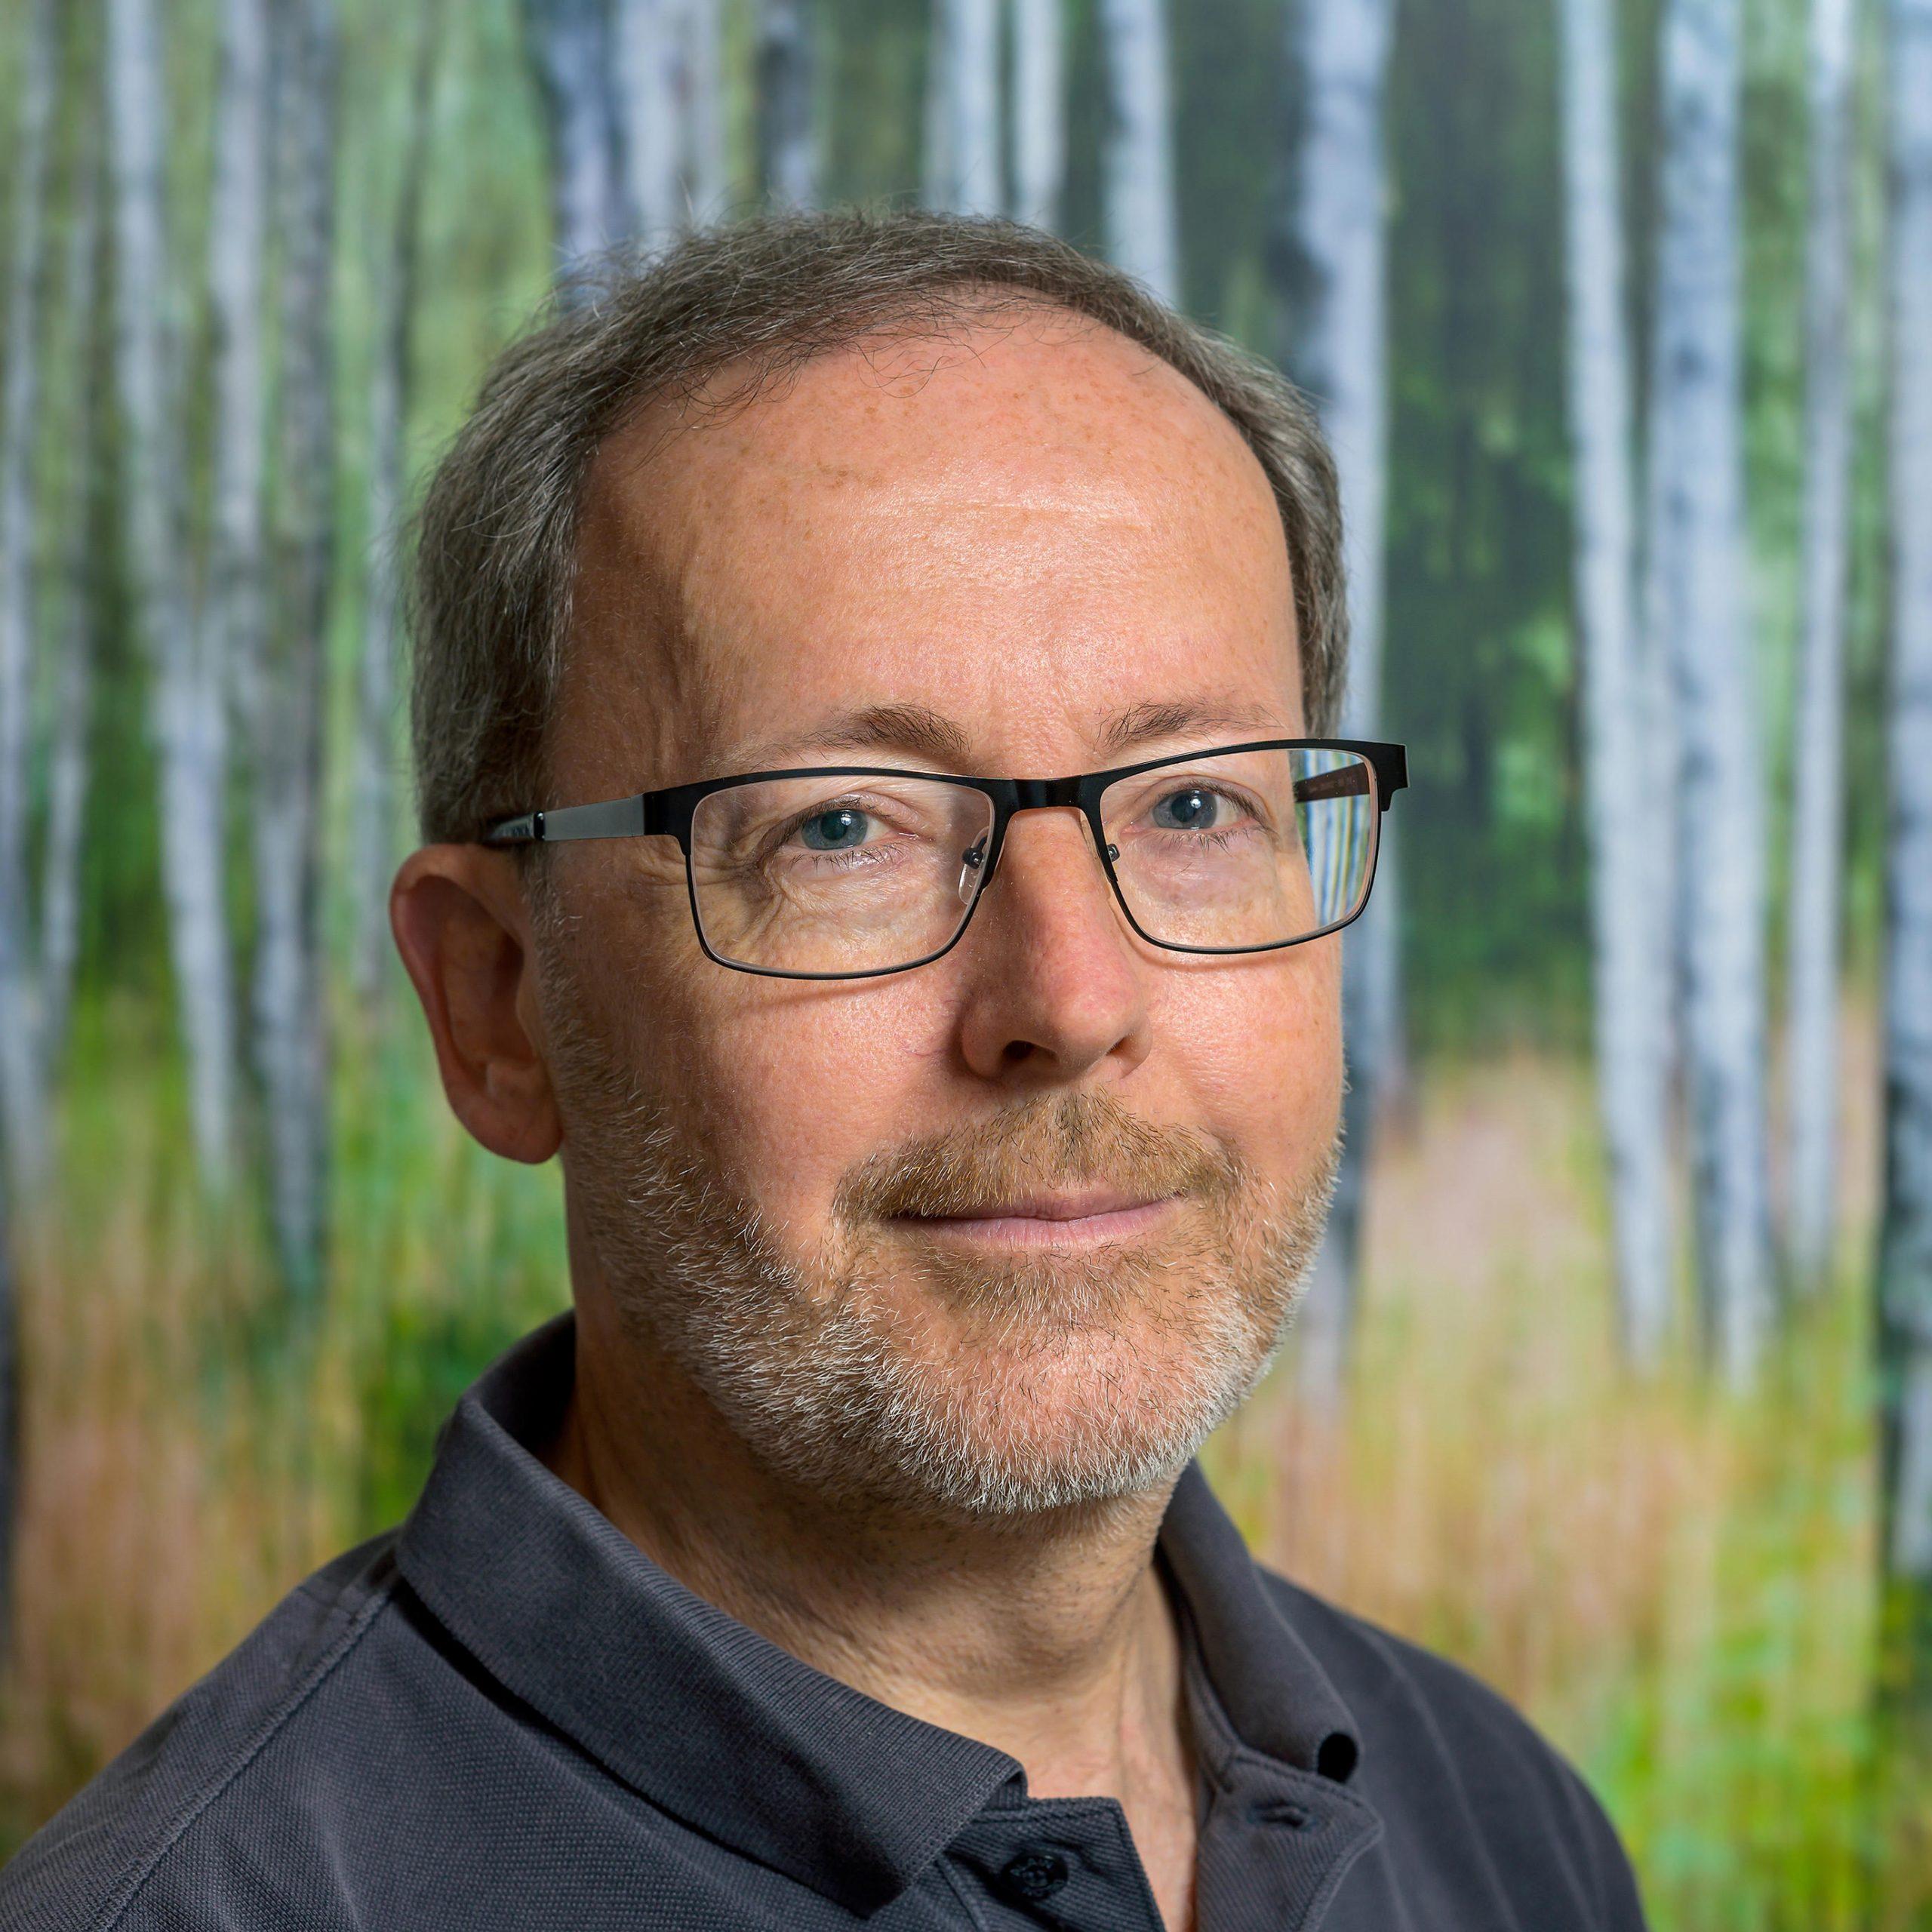 Kopfportrait eines Mannes vor einem Bild mit Baumstämmen